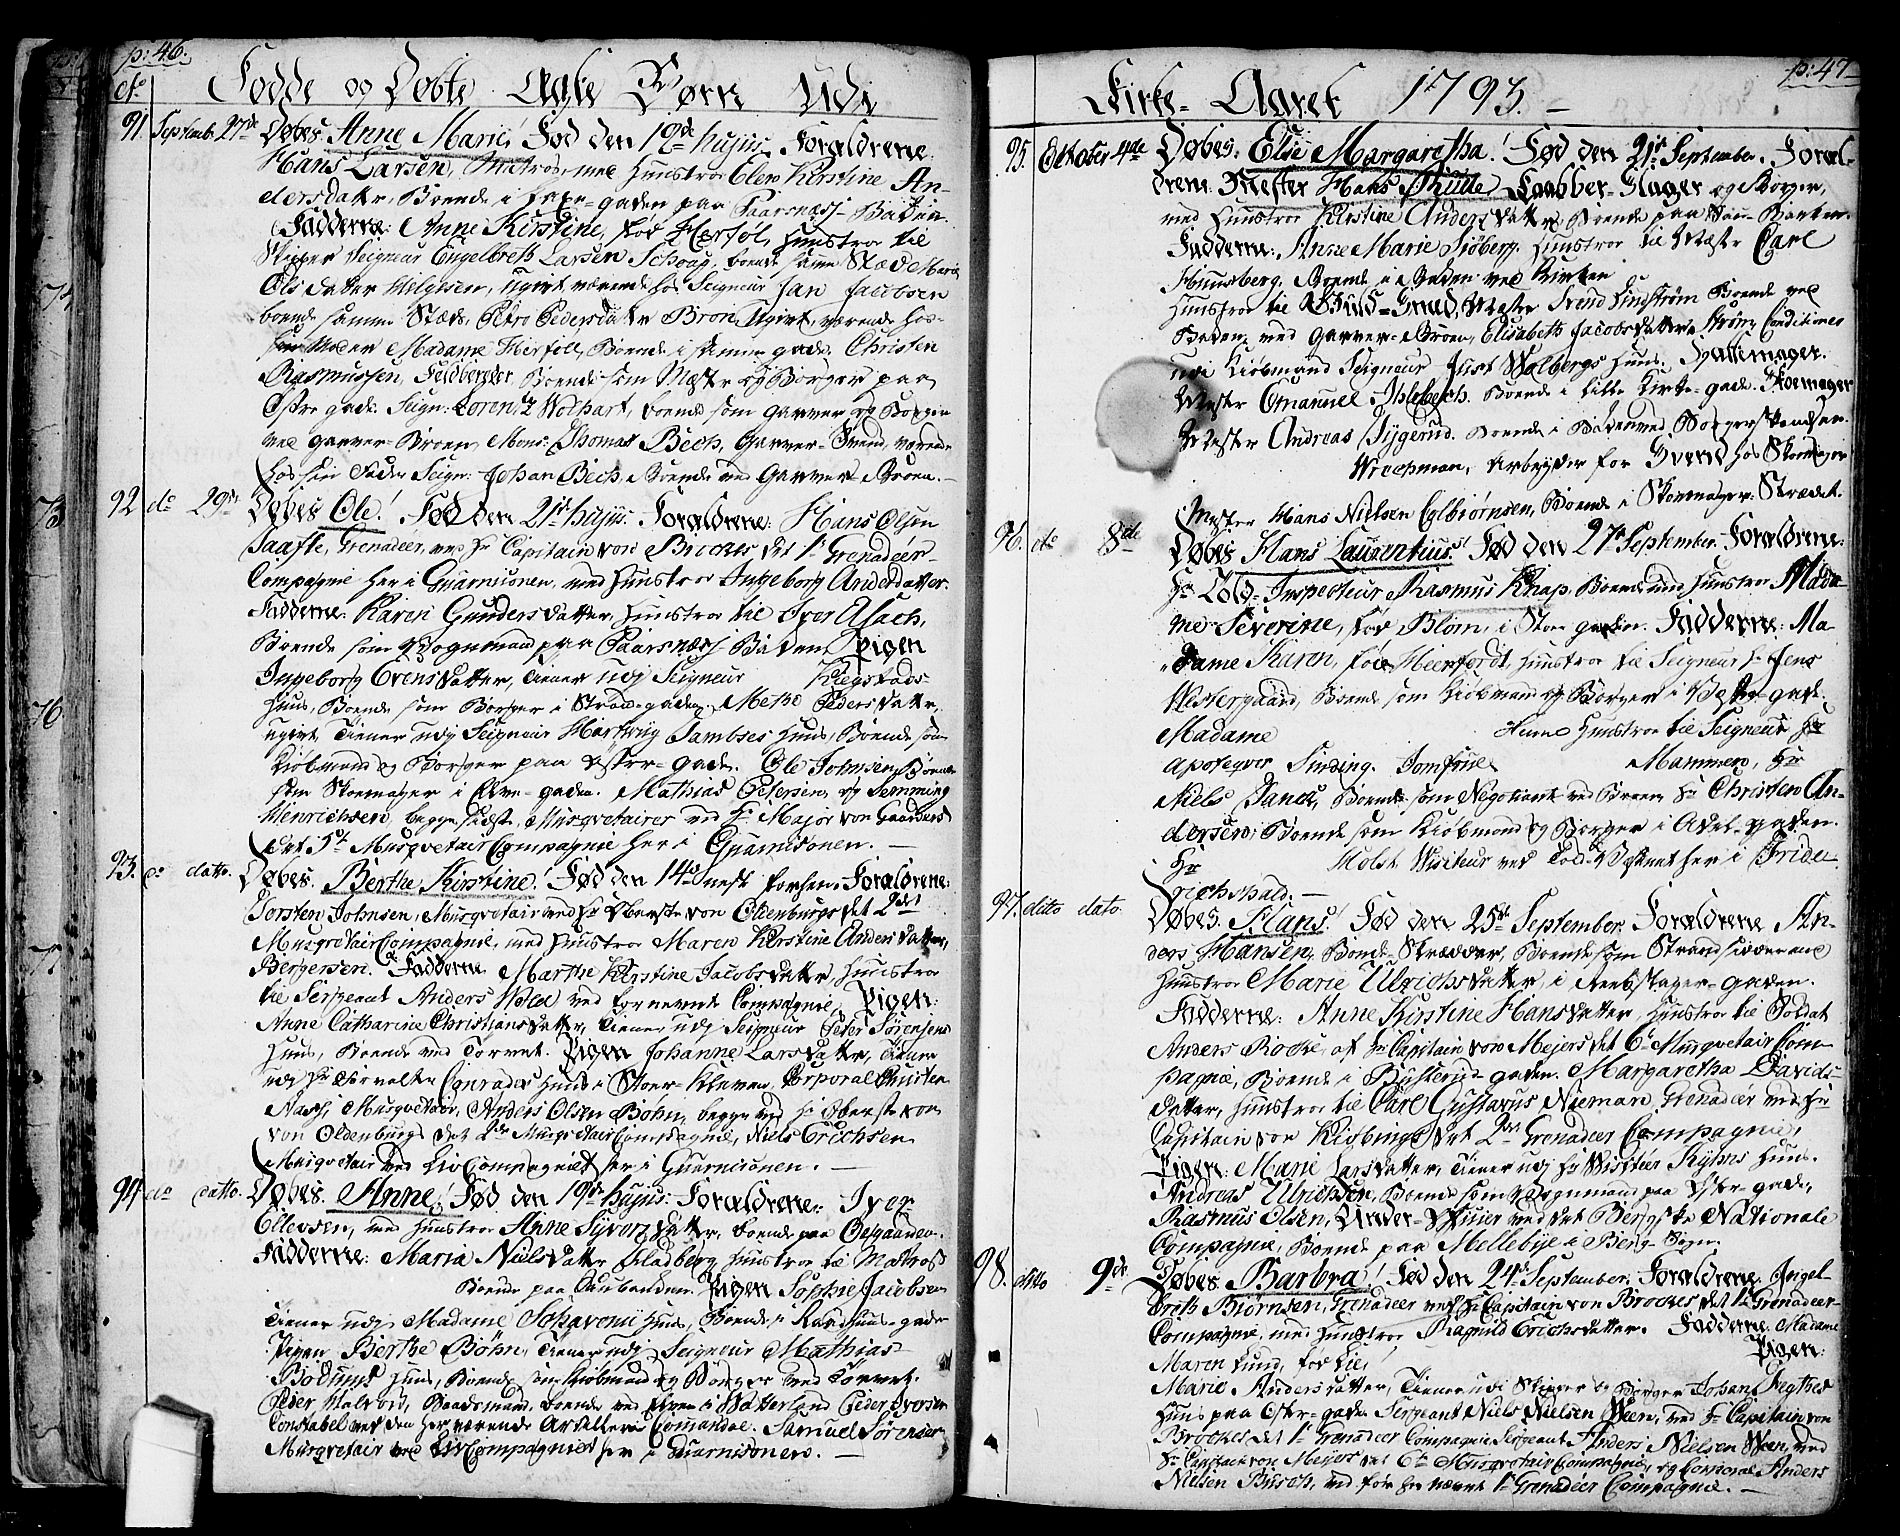 SAO, Halden prestekontor Kirkebøker, F/Fa/L0002: Ministerialbok nr. I 2, 1792-1812, s. 46-47